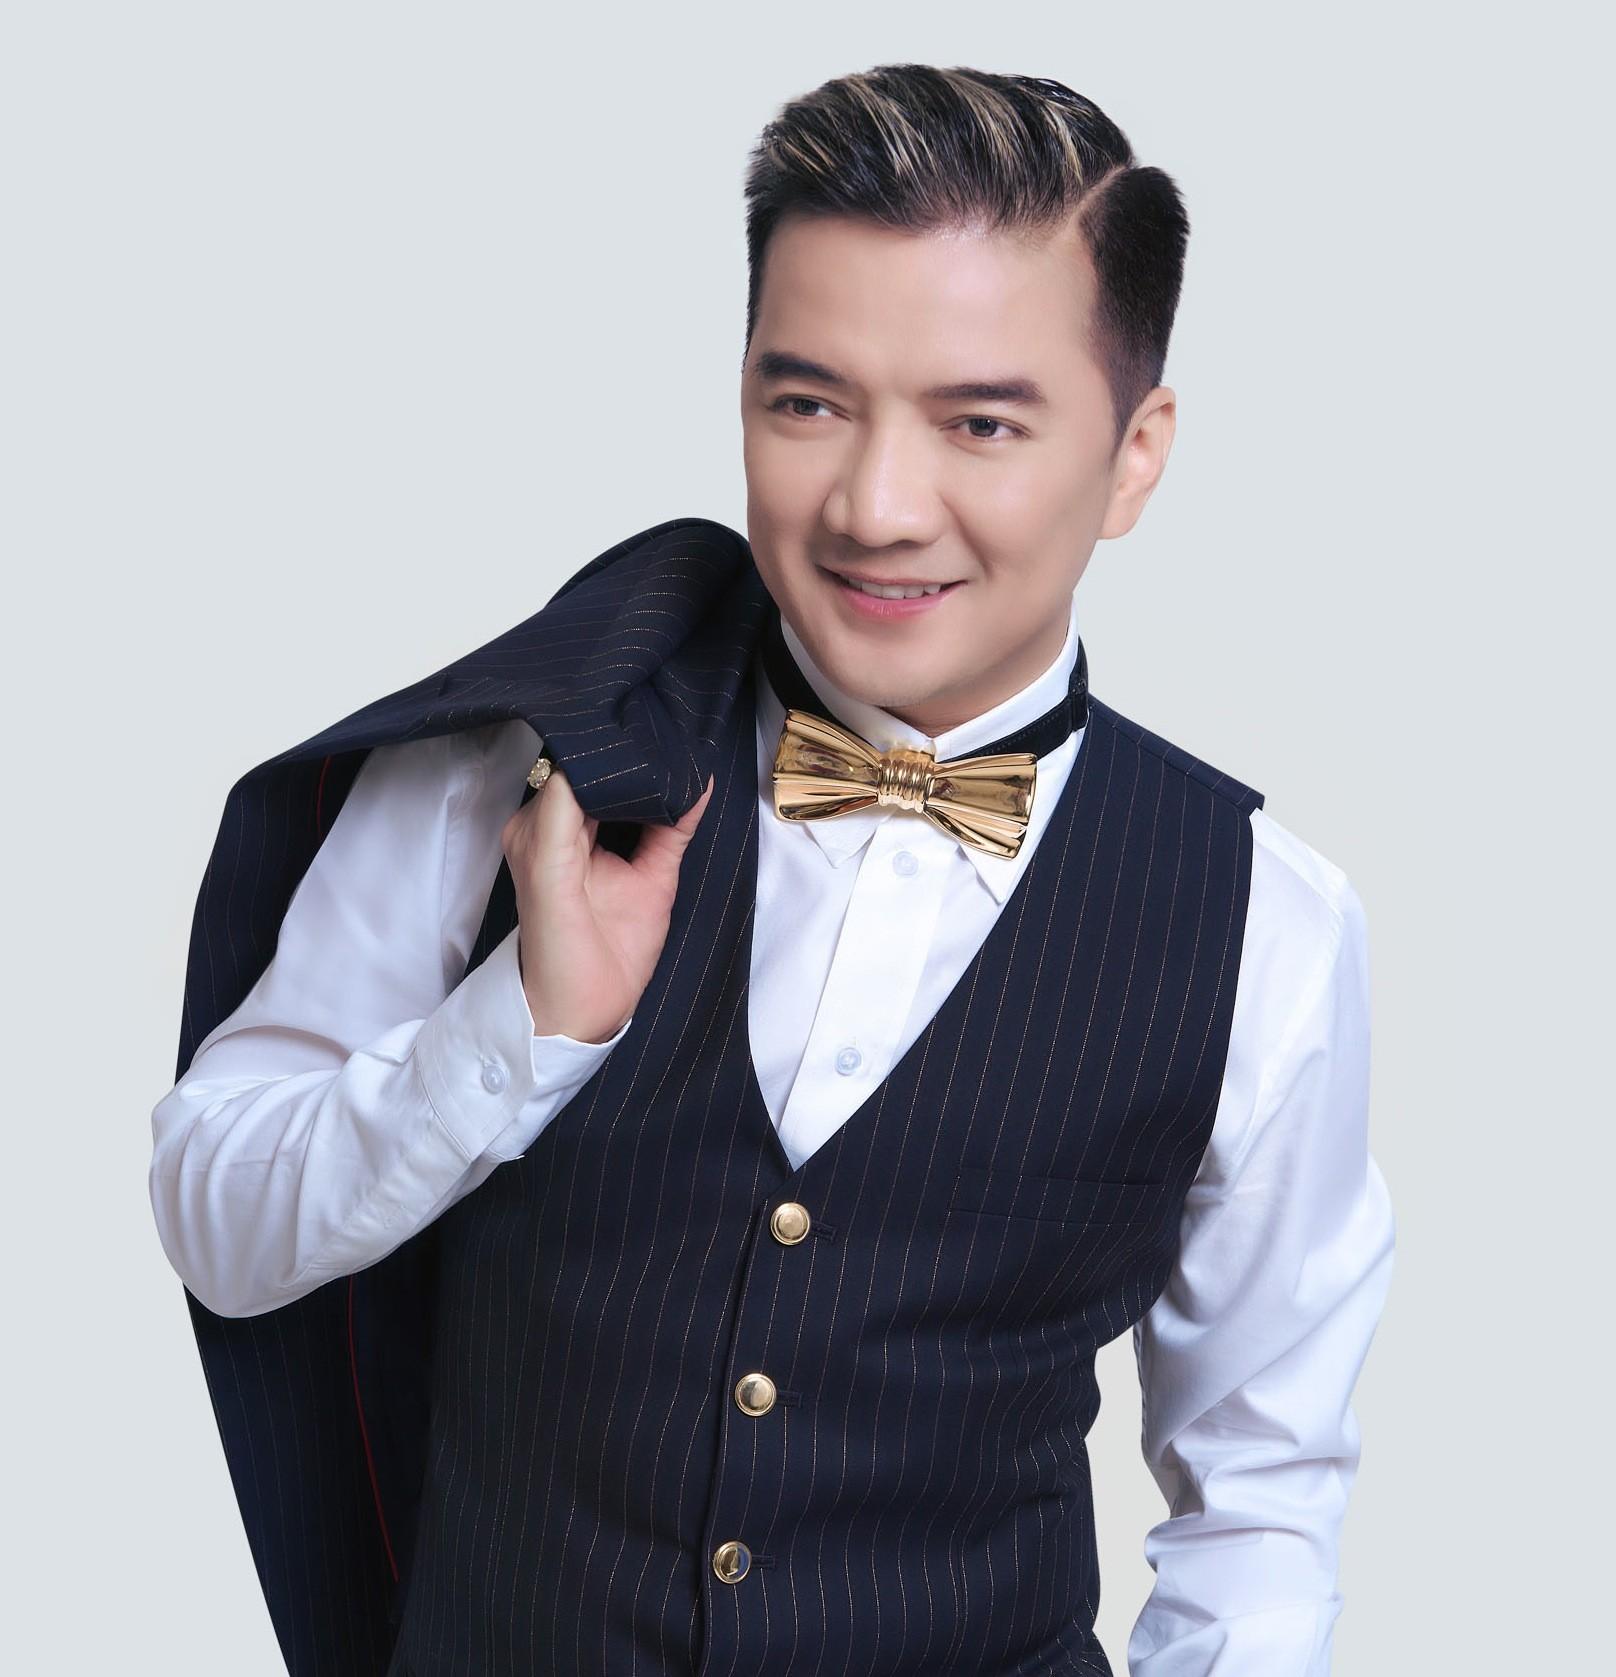 Sự kiện - Bị Đàm Vĩnh Hưng 'dằn mặt' vì bức ảnh với ông Nguyễn Hữu Linh, nhân vật chính nói gì? (Hình 2).